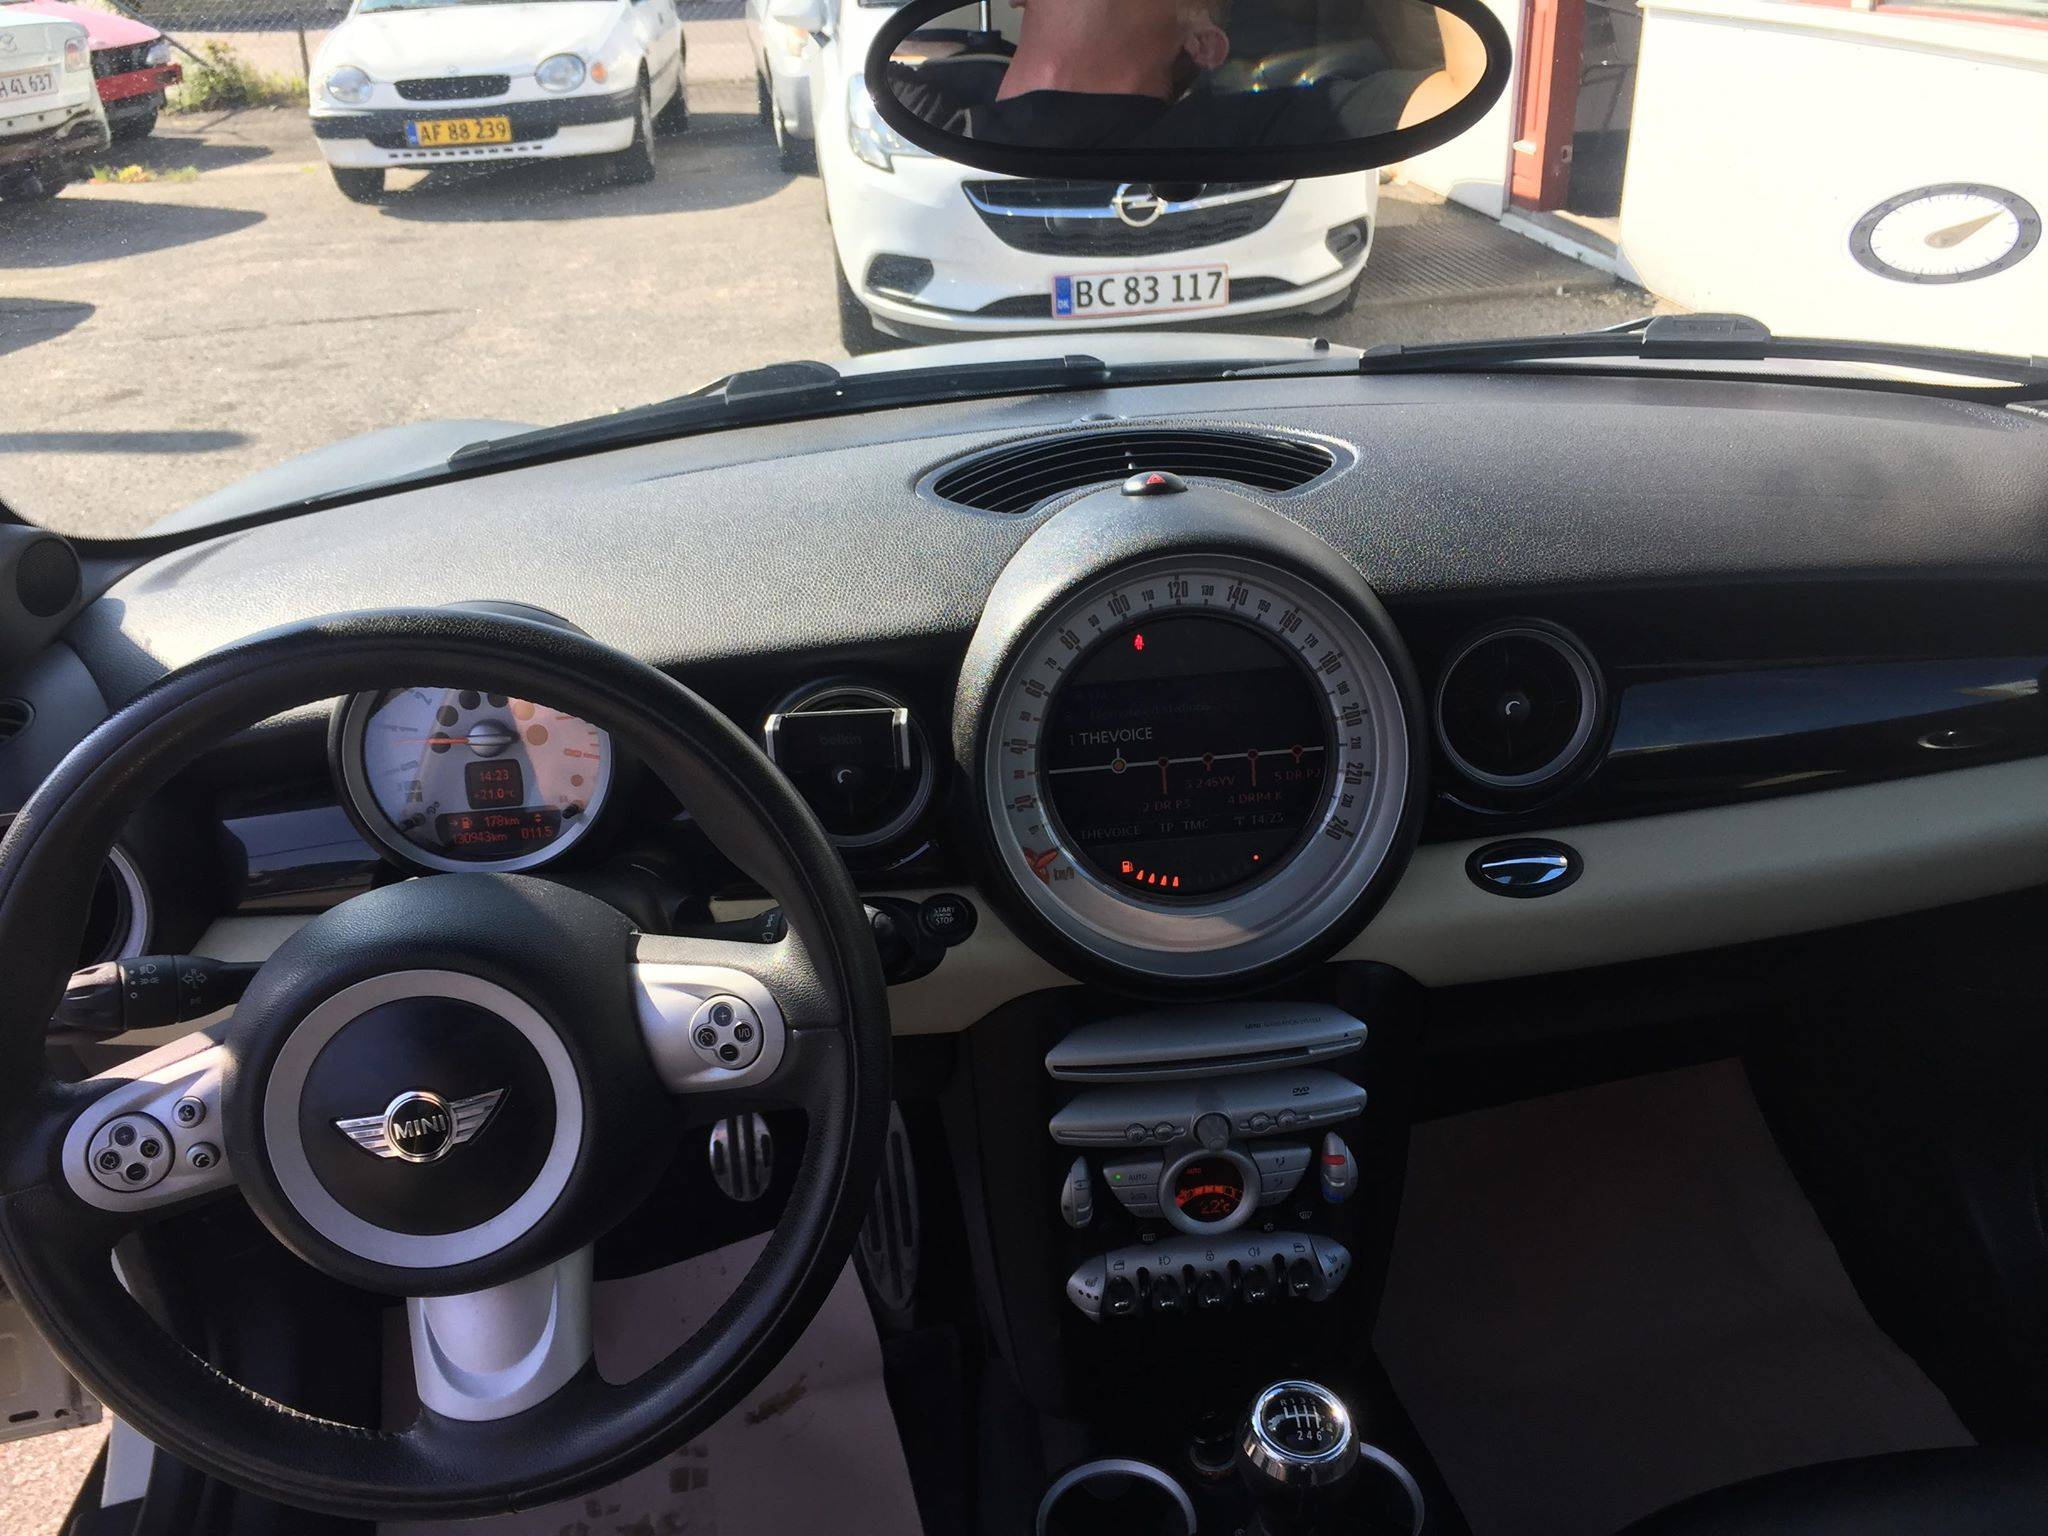 m3 - Mini Cooper S 1,6 175 3d